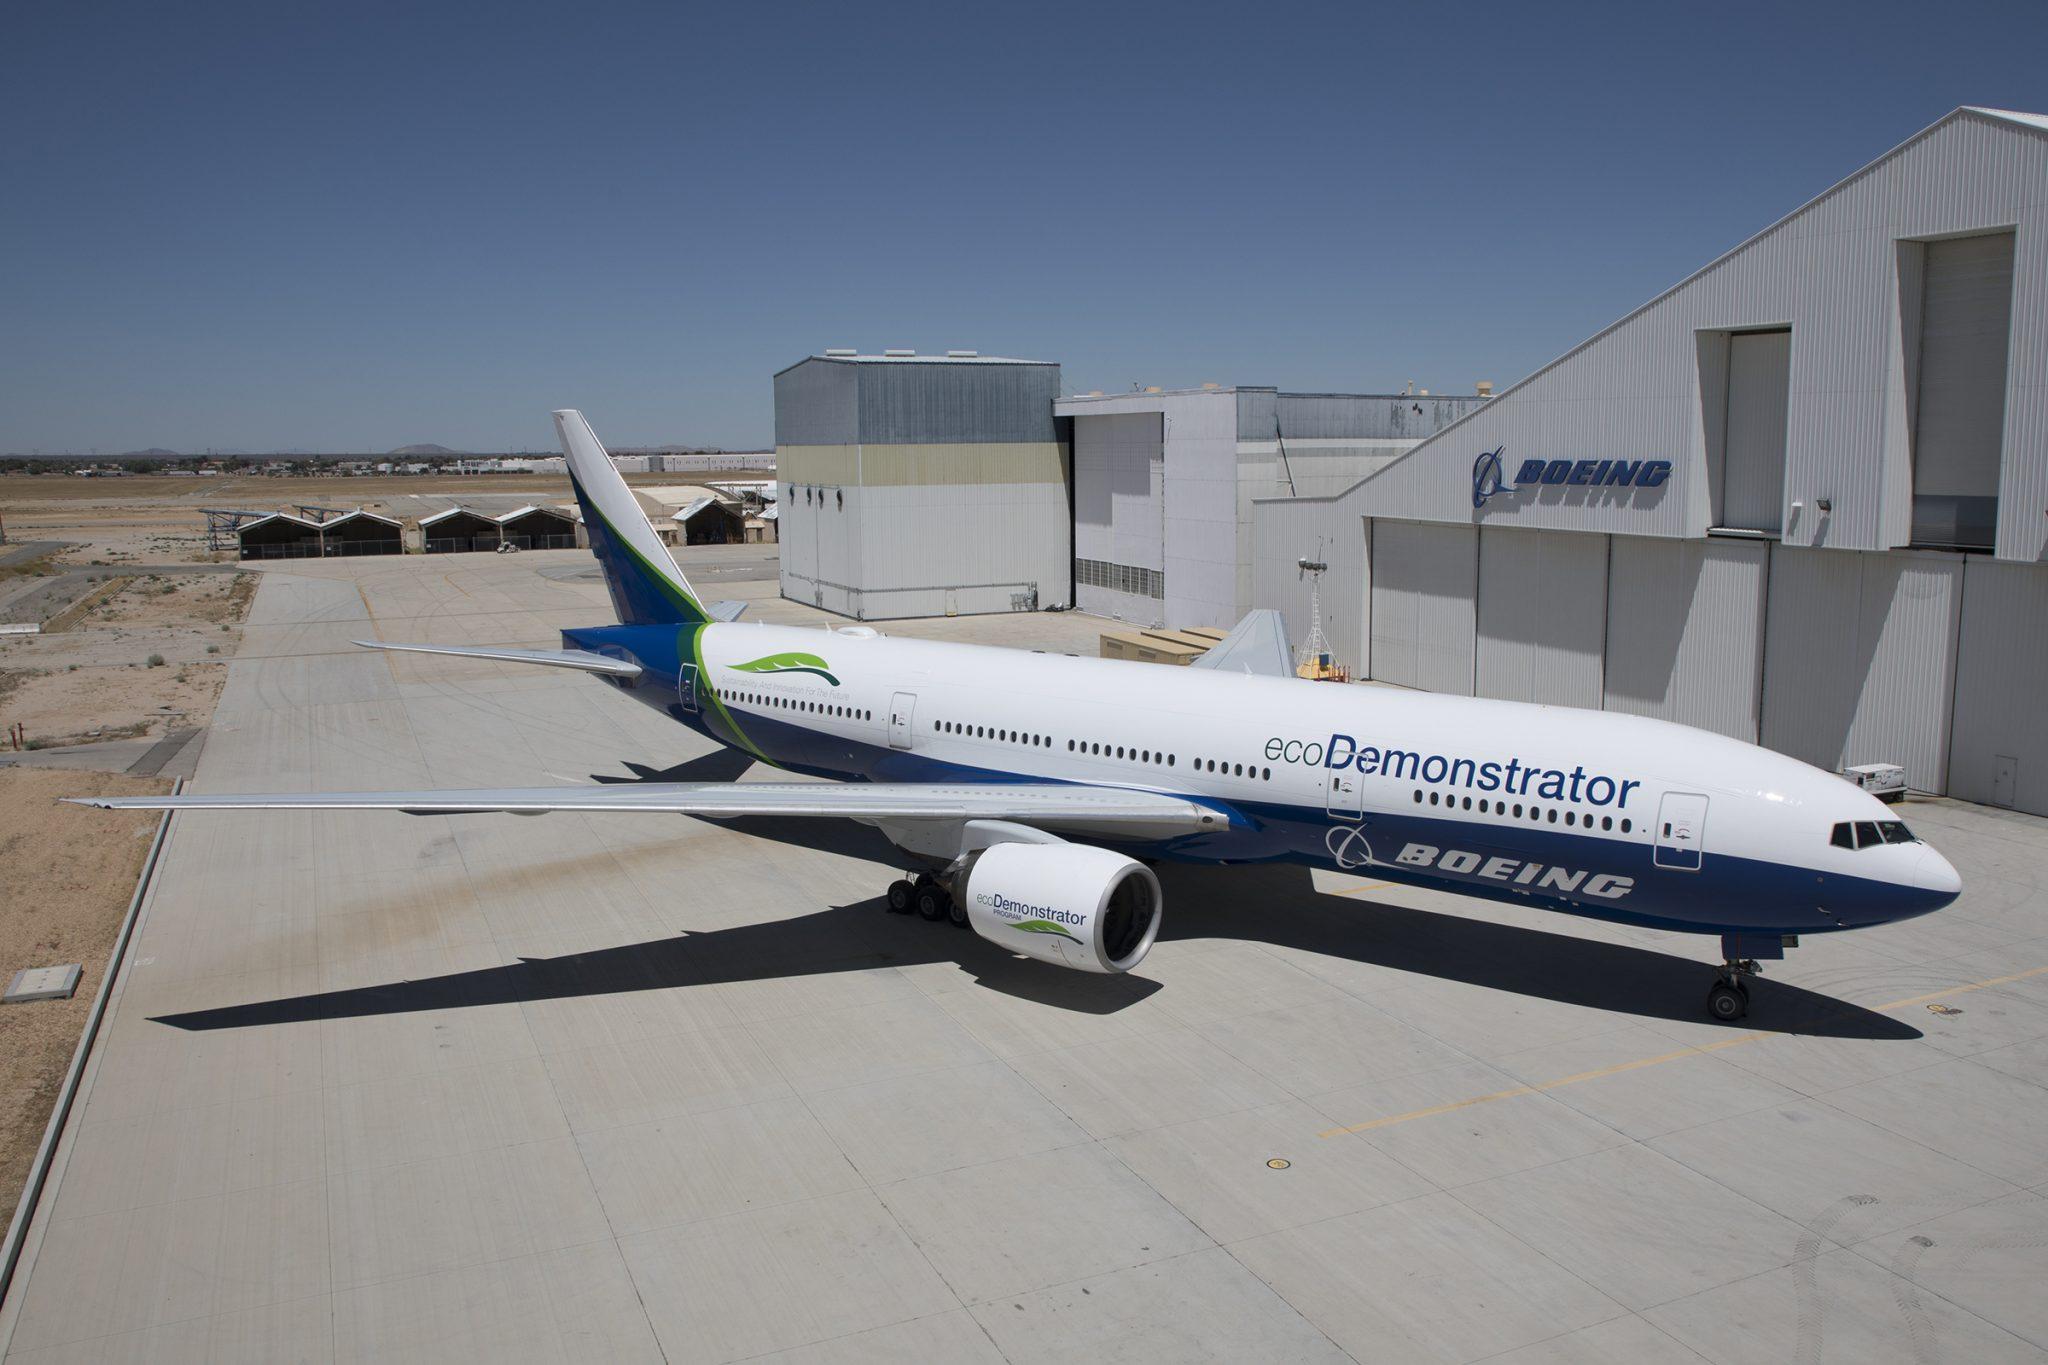 Boeing lleva nuevas tecnologías del laboratorio al banco de pruebas del ecoDemonstrator